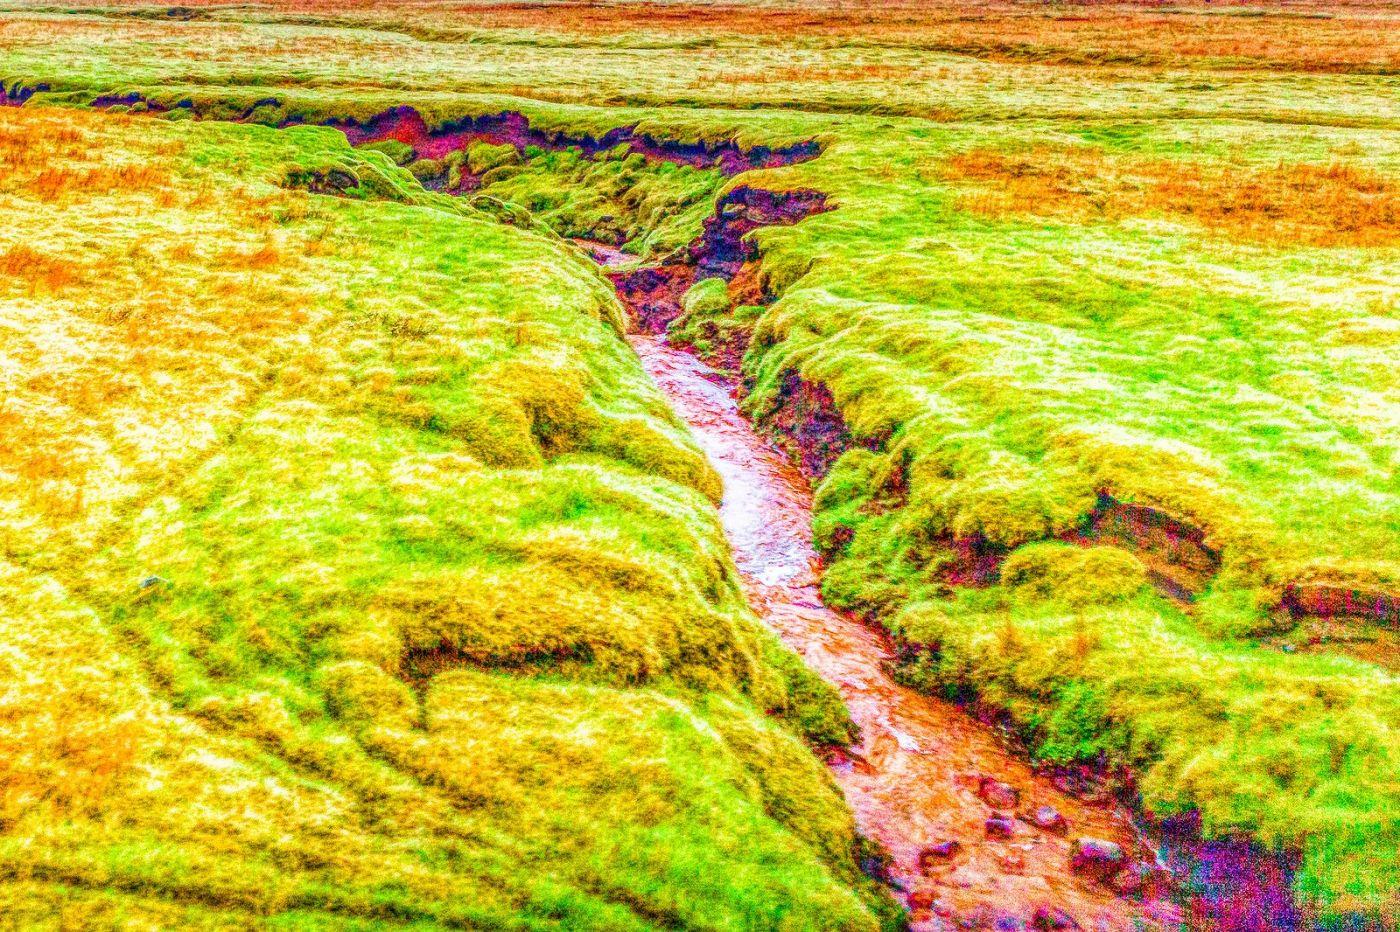 冰岛风采,延伸视野_图1-37